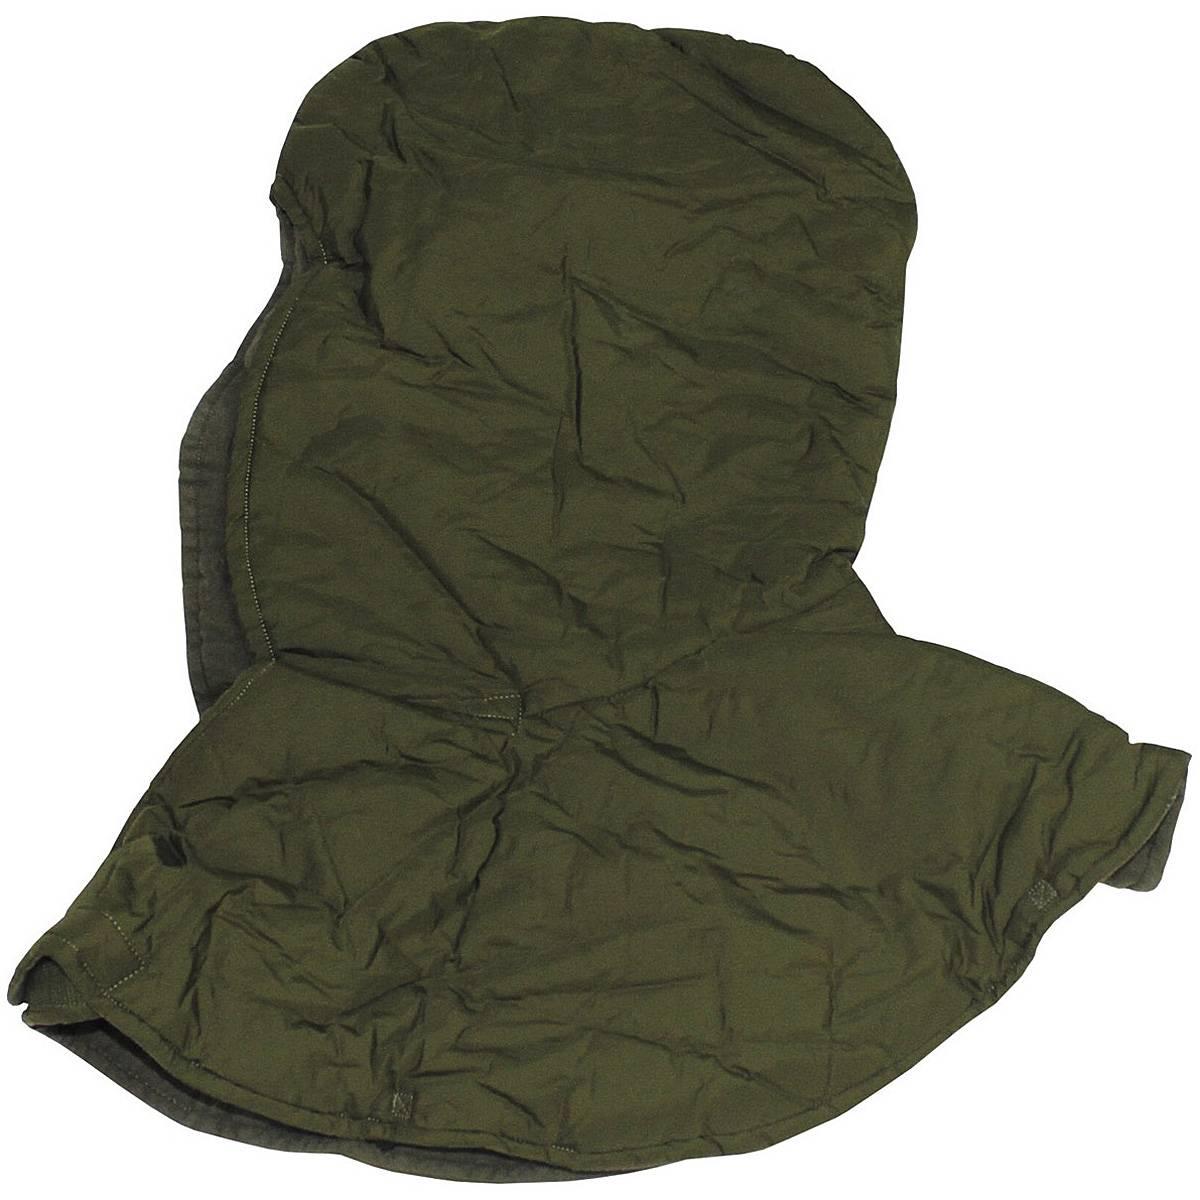 BW Schlafsack Winter 5-TLG Oliv Gebraucht